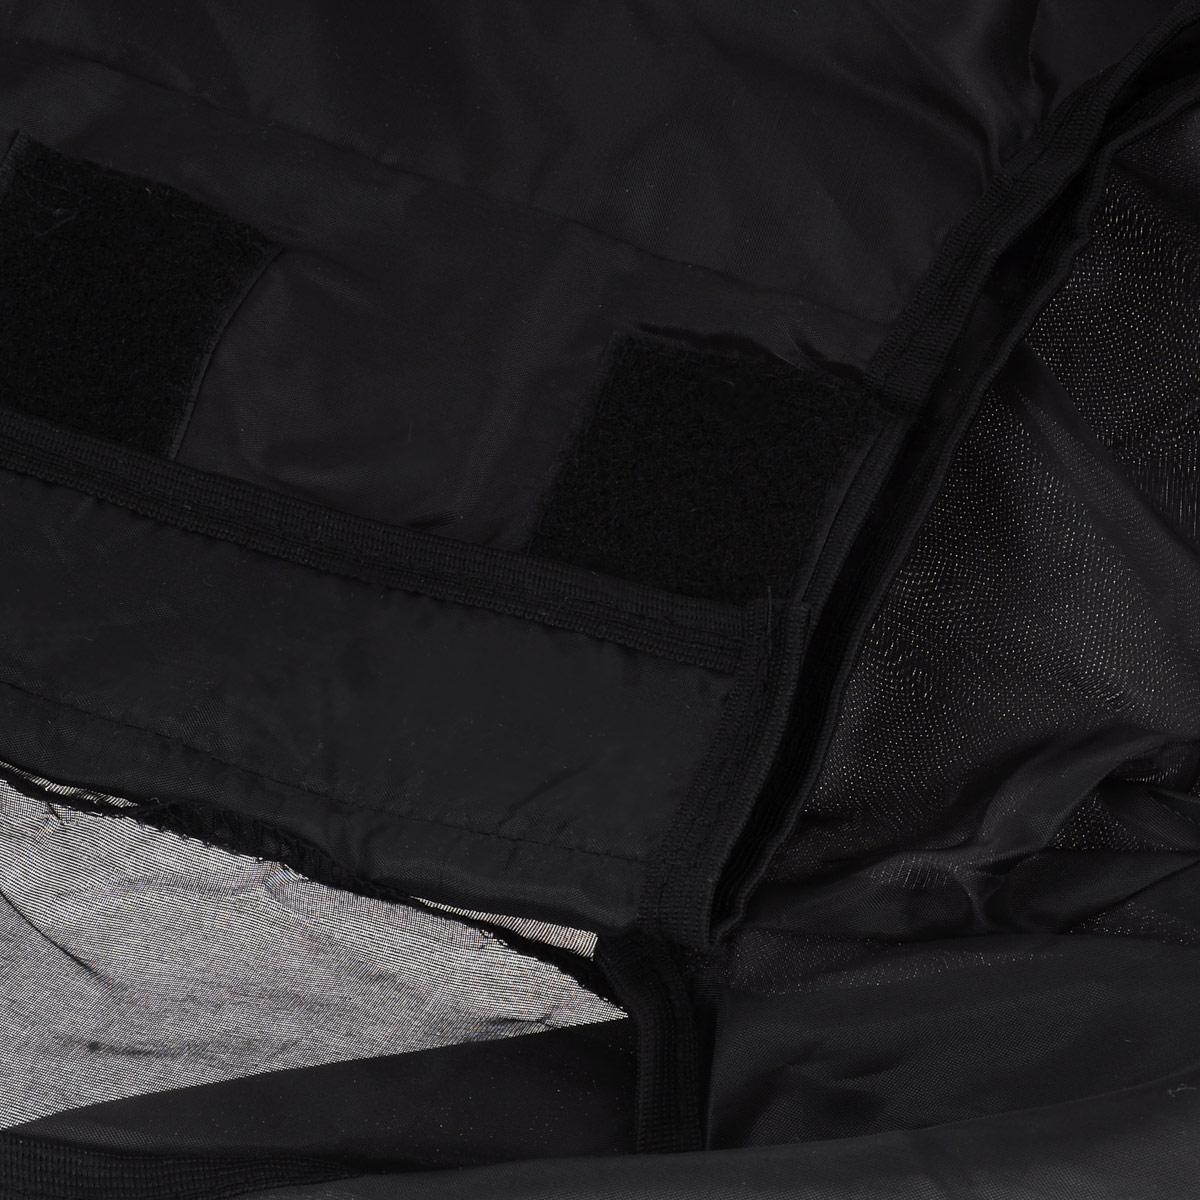 """Чехол защитный для чемодана """"Eva"""", цвет: черный, 62 см х 42 см х 28 см ( К44 )"""